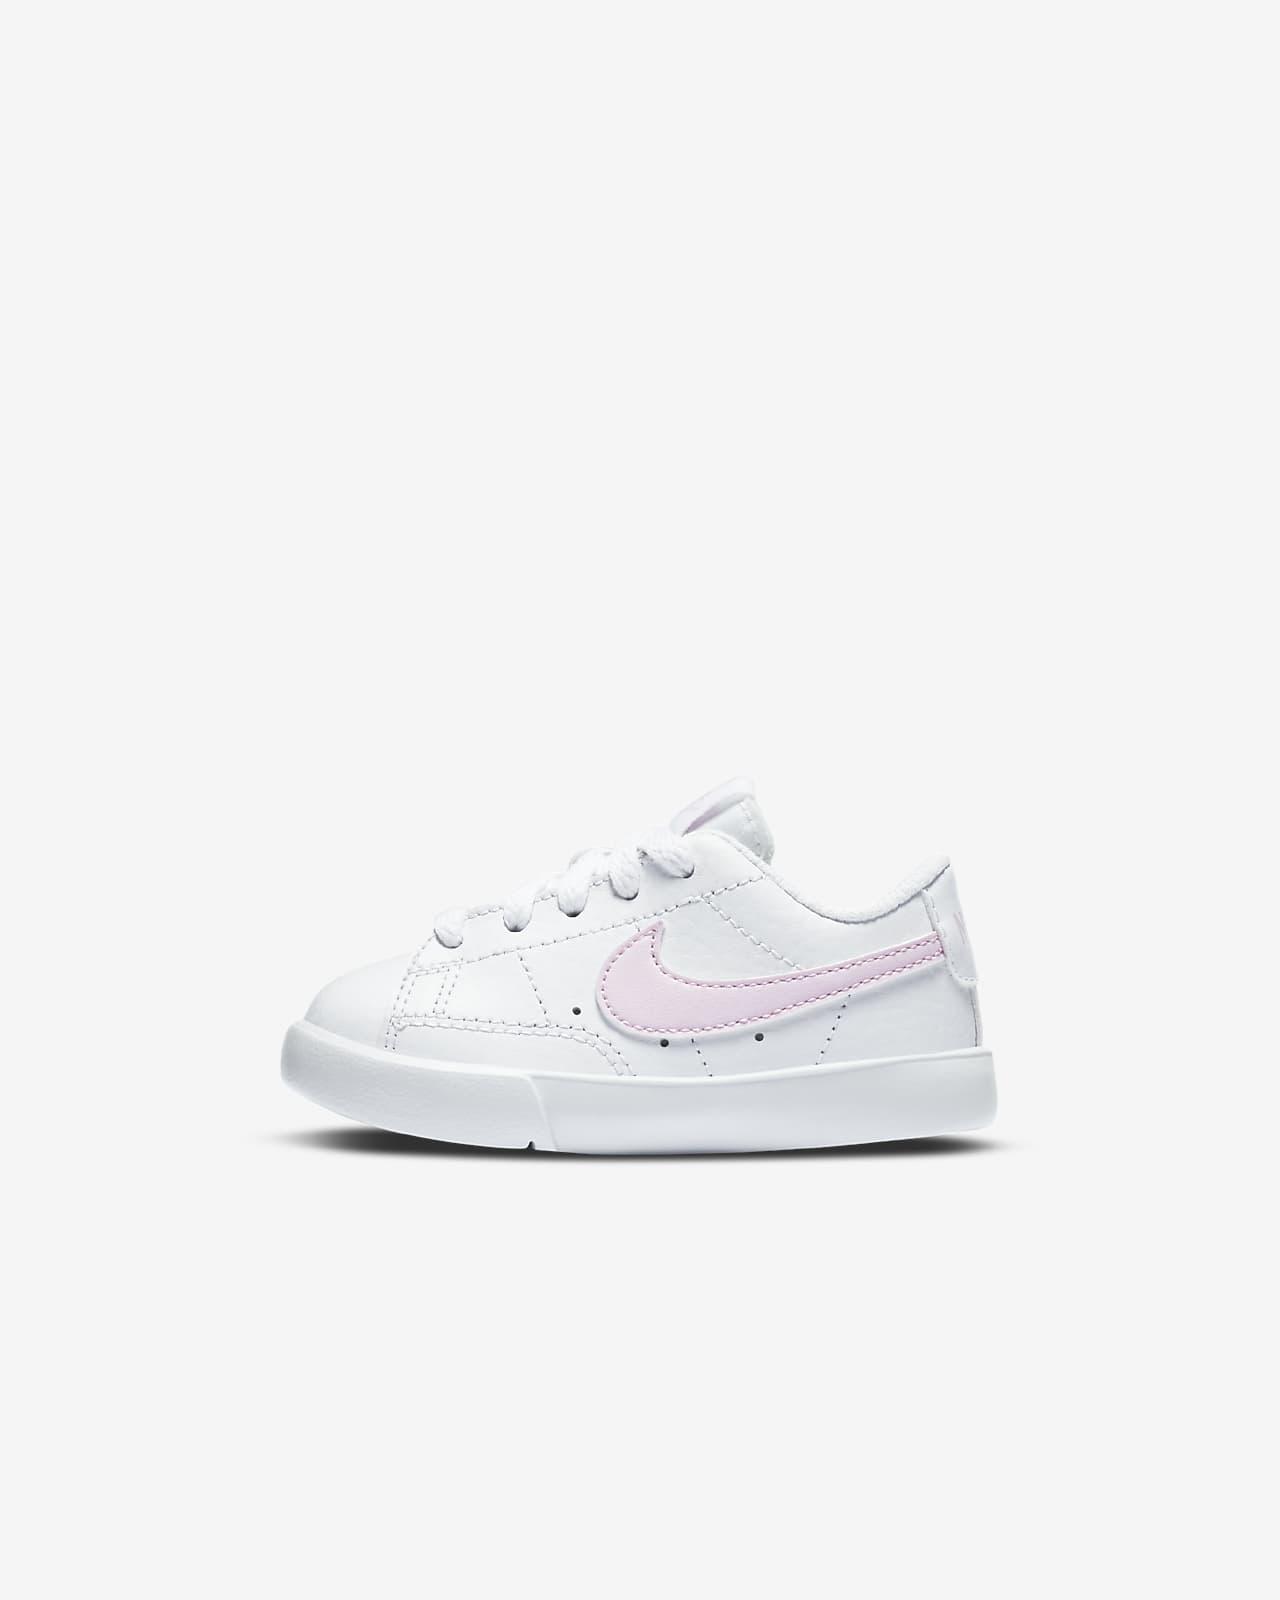 Nike Blazer Low Schoen voor baby's/peuters